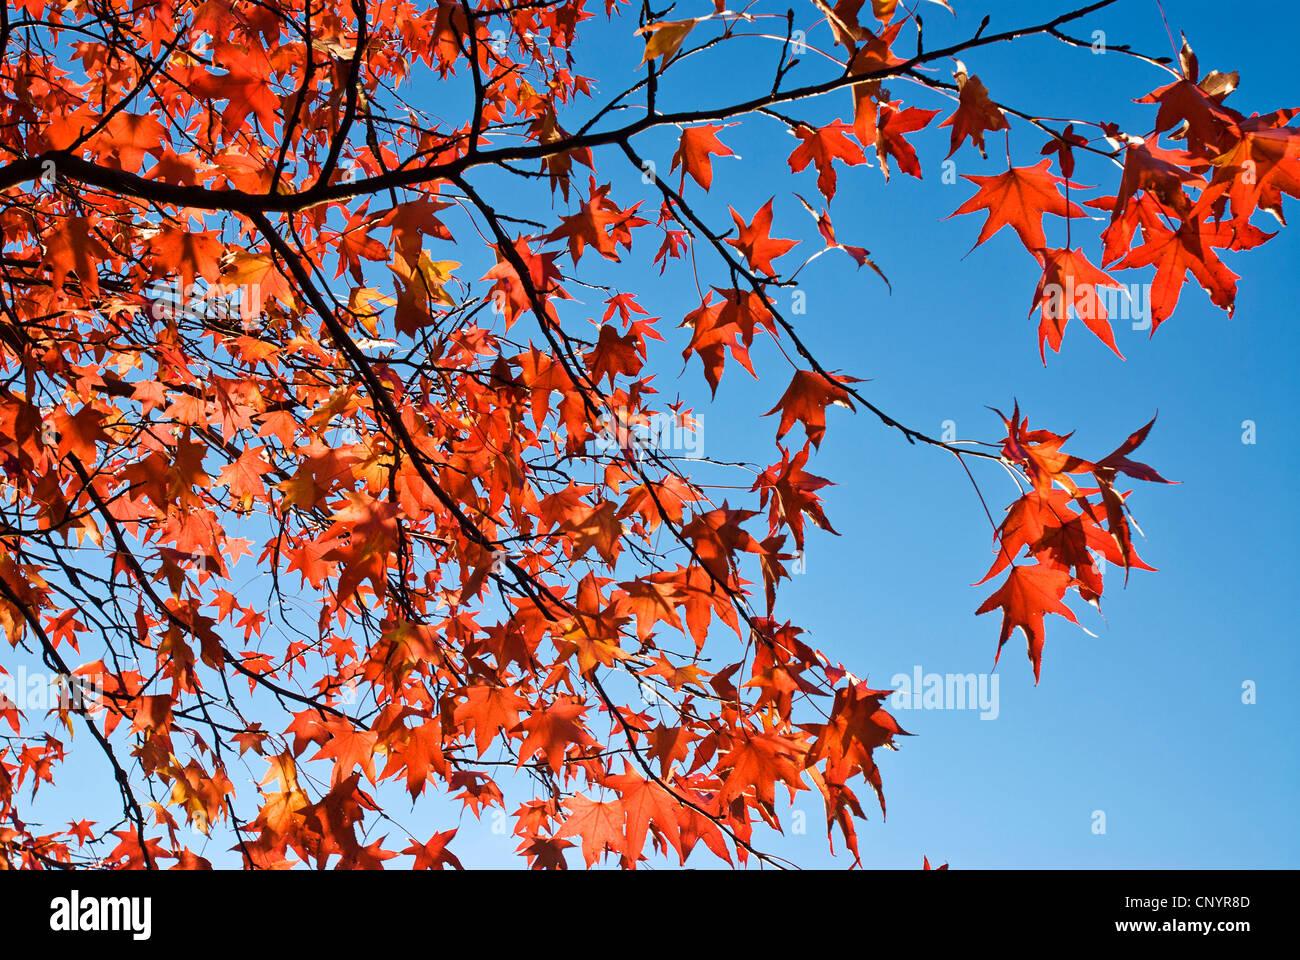 Foglie rosse in autunno con cielo blu sullo sfondo. Immagini Stock